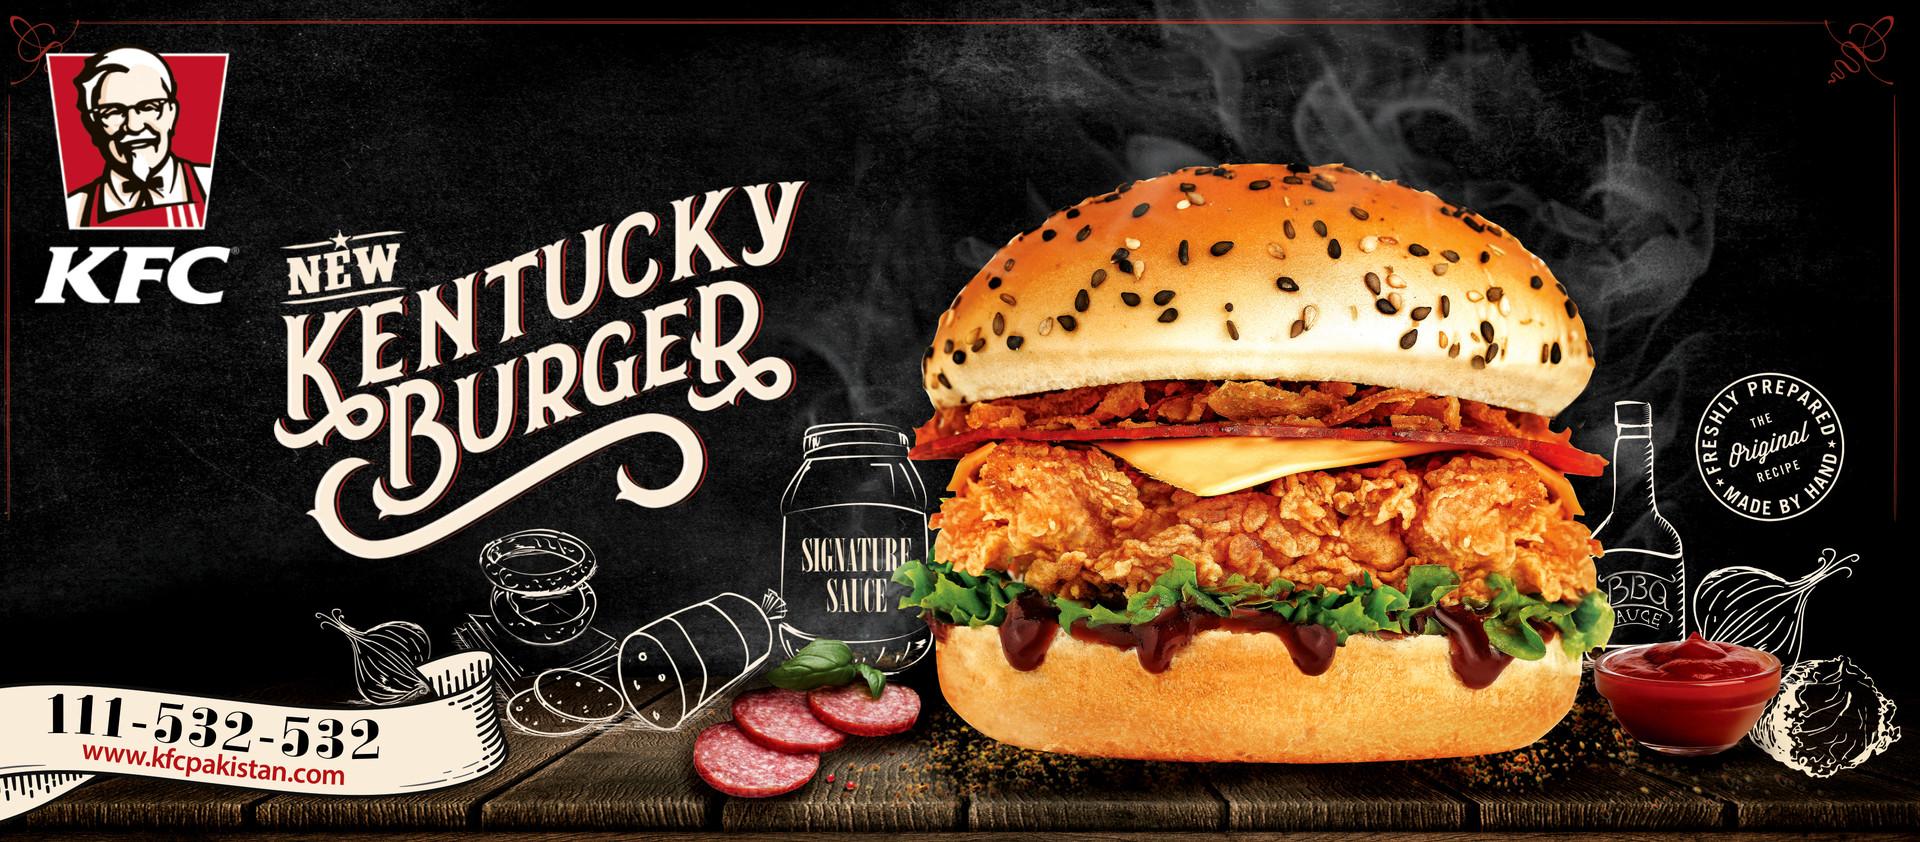 KFC Kentucky Burger